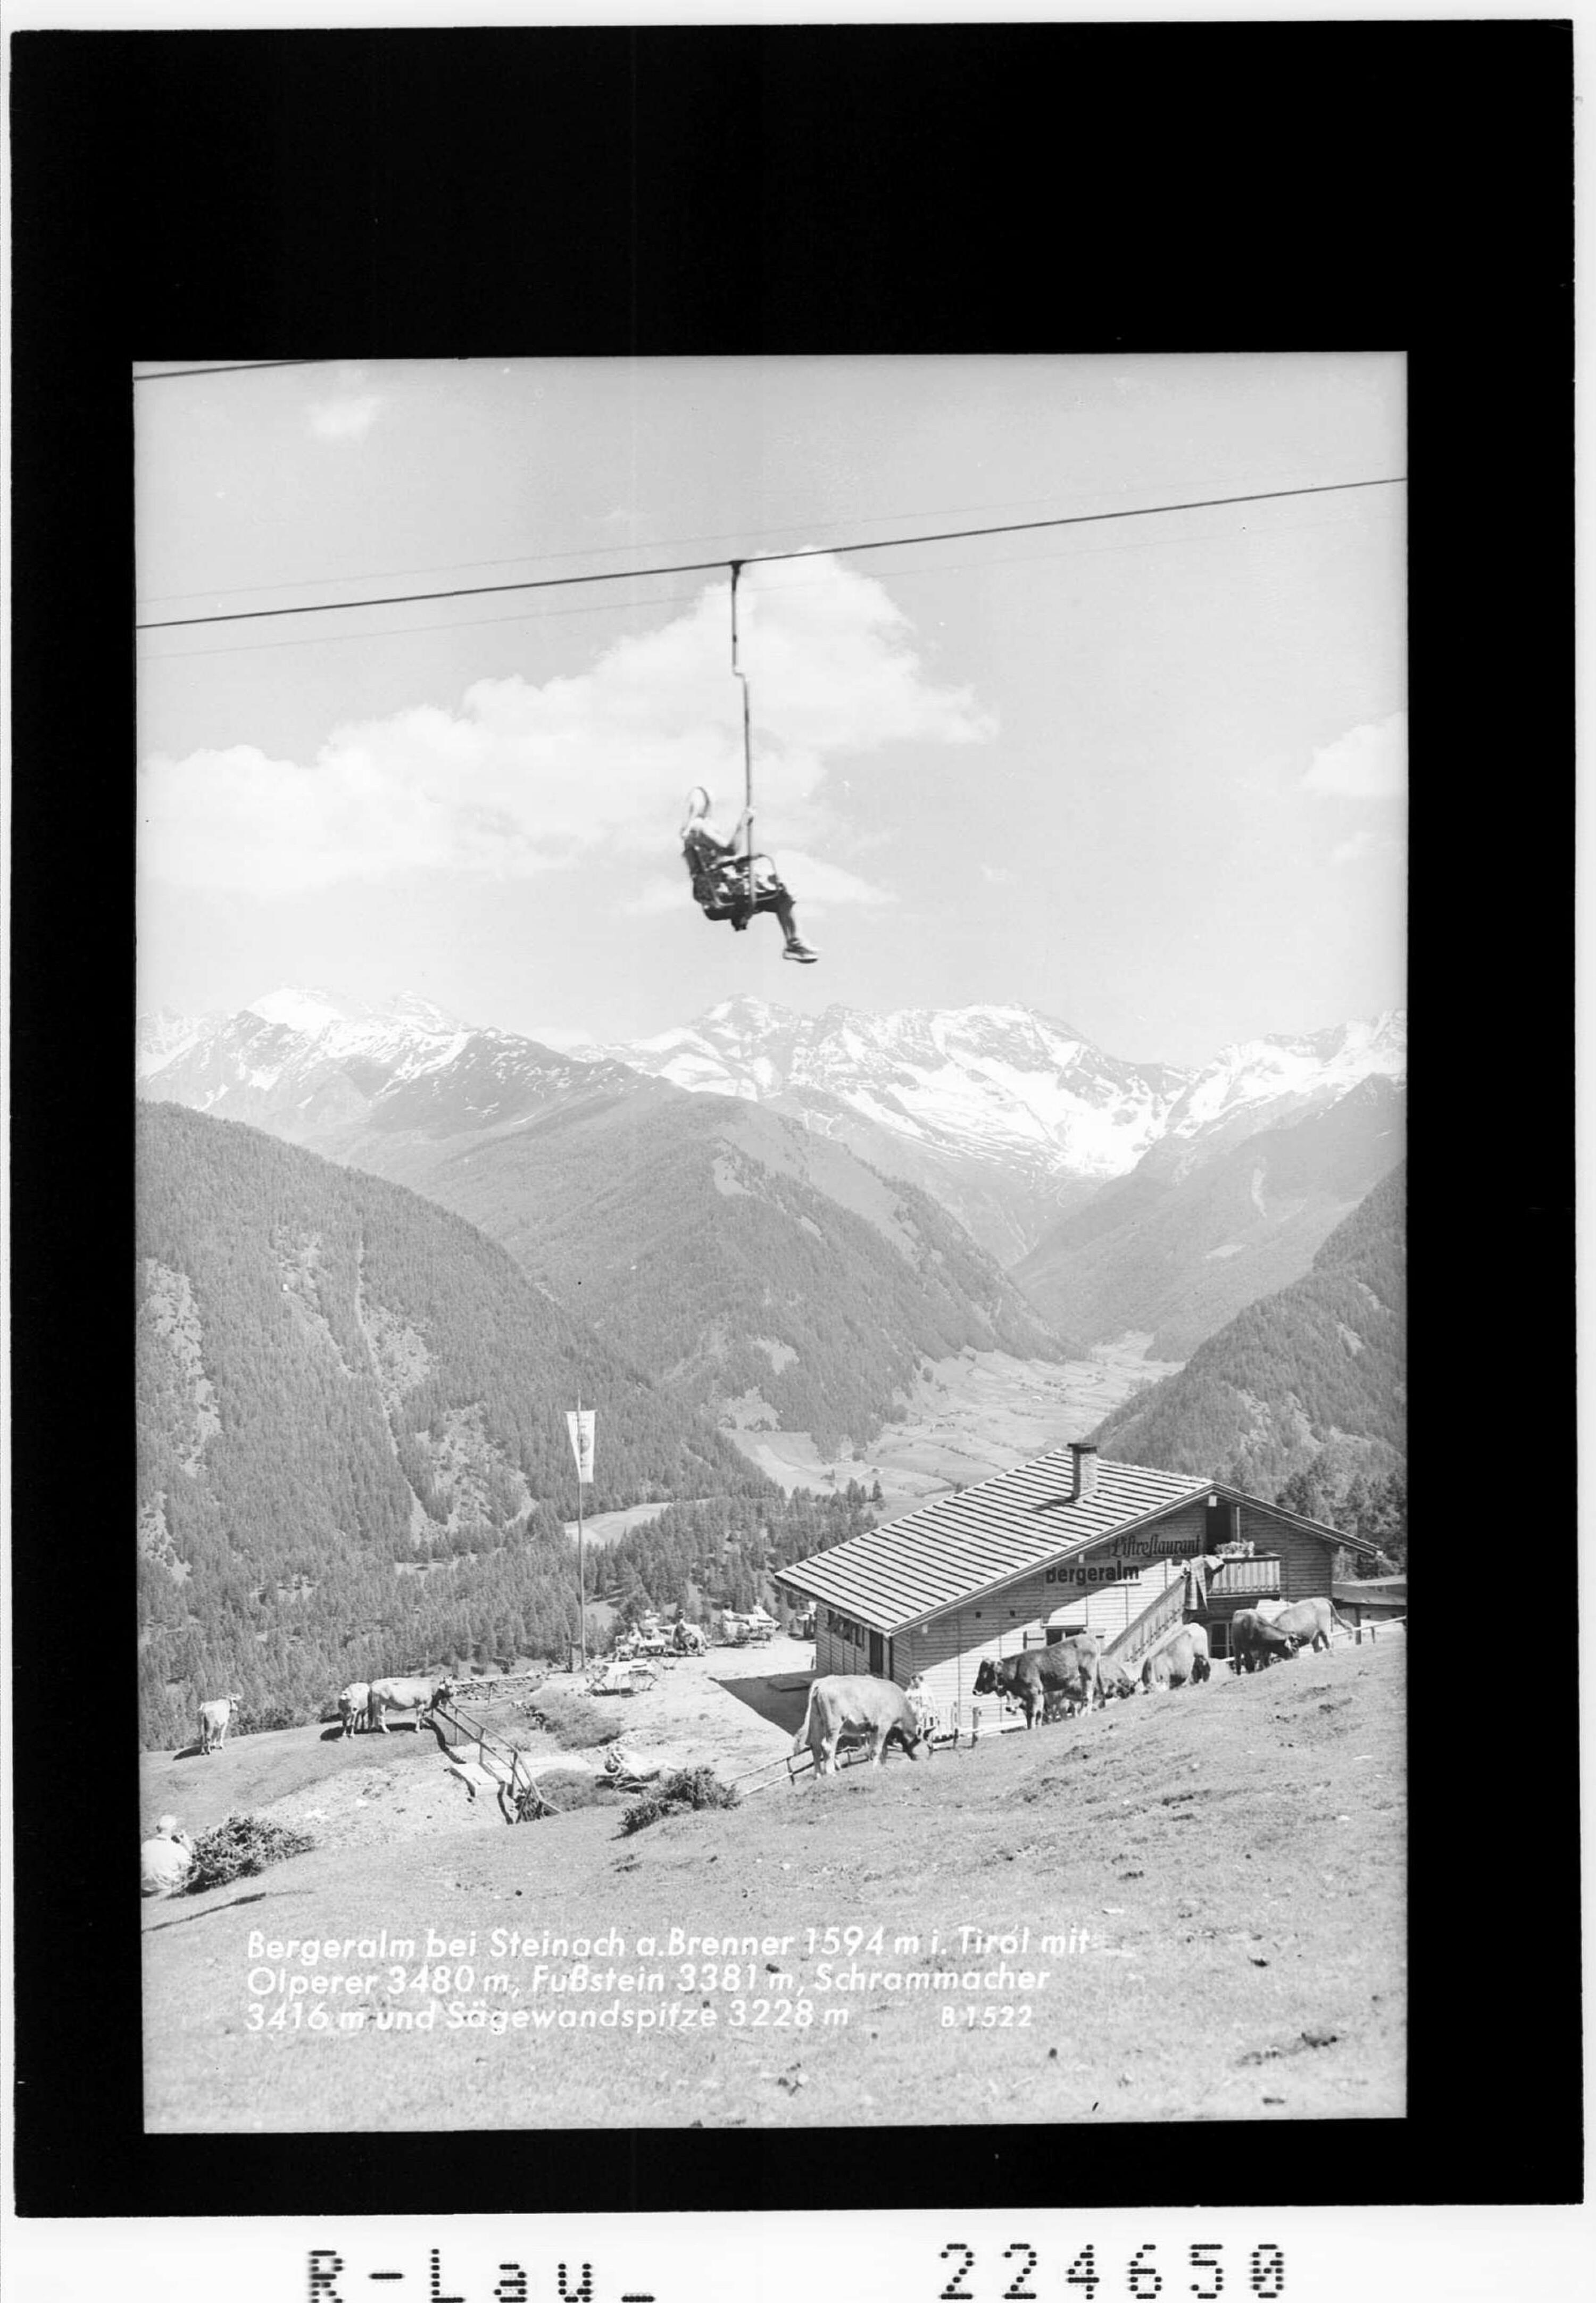 Bergeralm bei Steinach am Brenner 1594 m in Tirol mit Olperer 3480 m - Fußstein 3381 m - Schrammacher 3416 m und Sägewandspitze von Wilhelm Stempfle